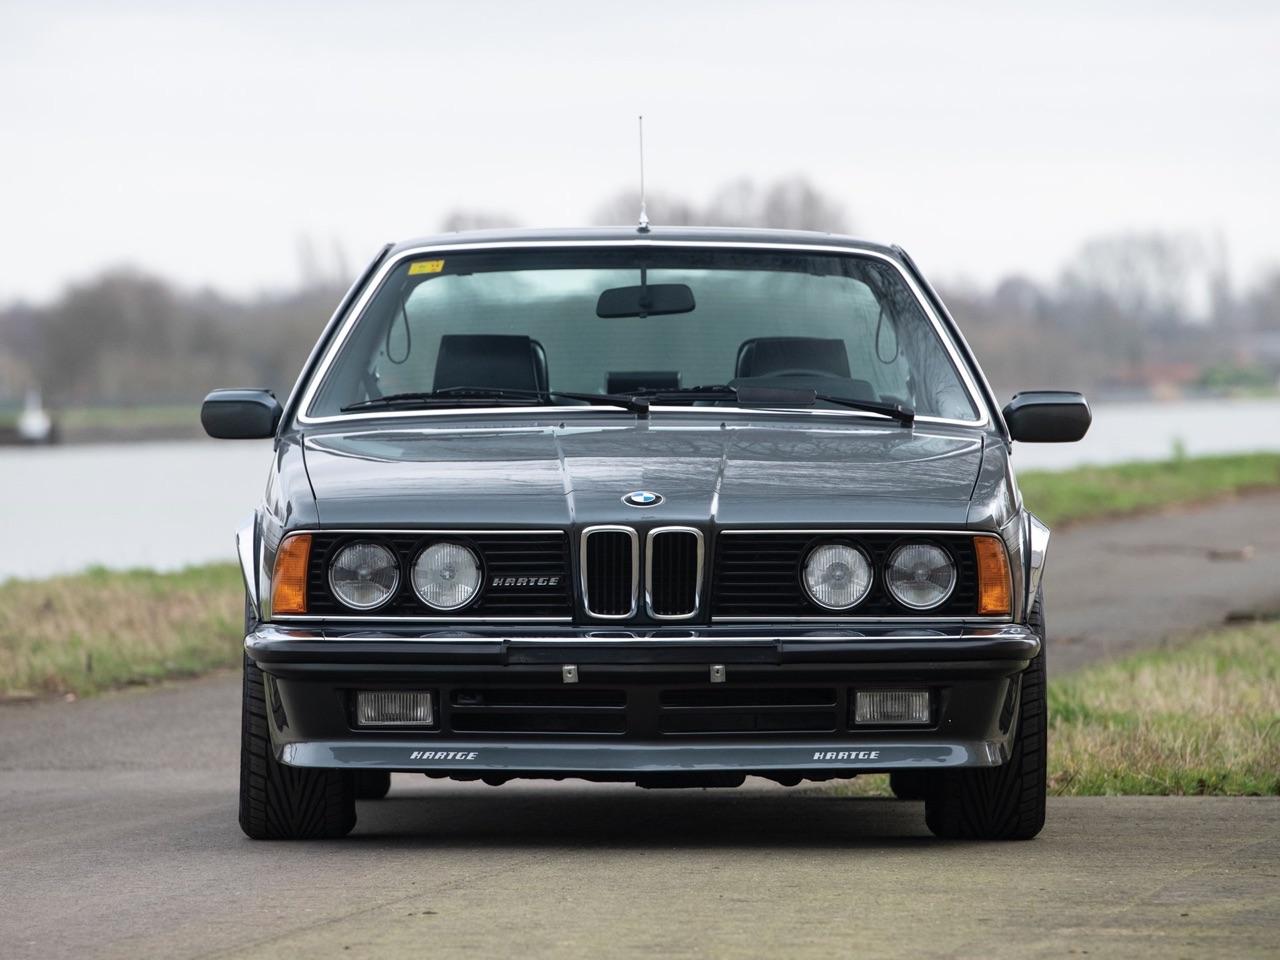 De BMW 635 Csi à Hartge H6 SP 6